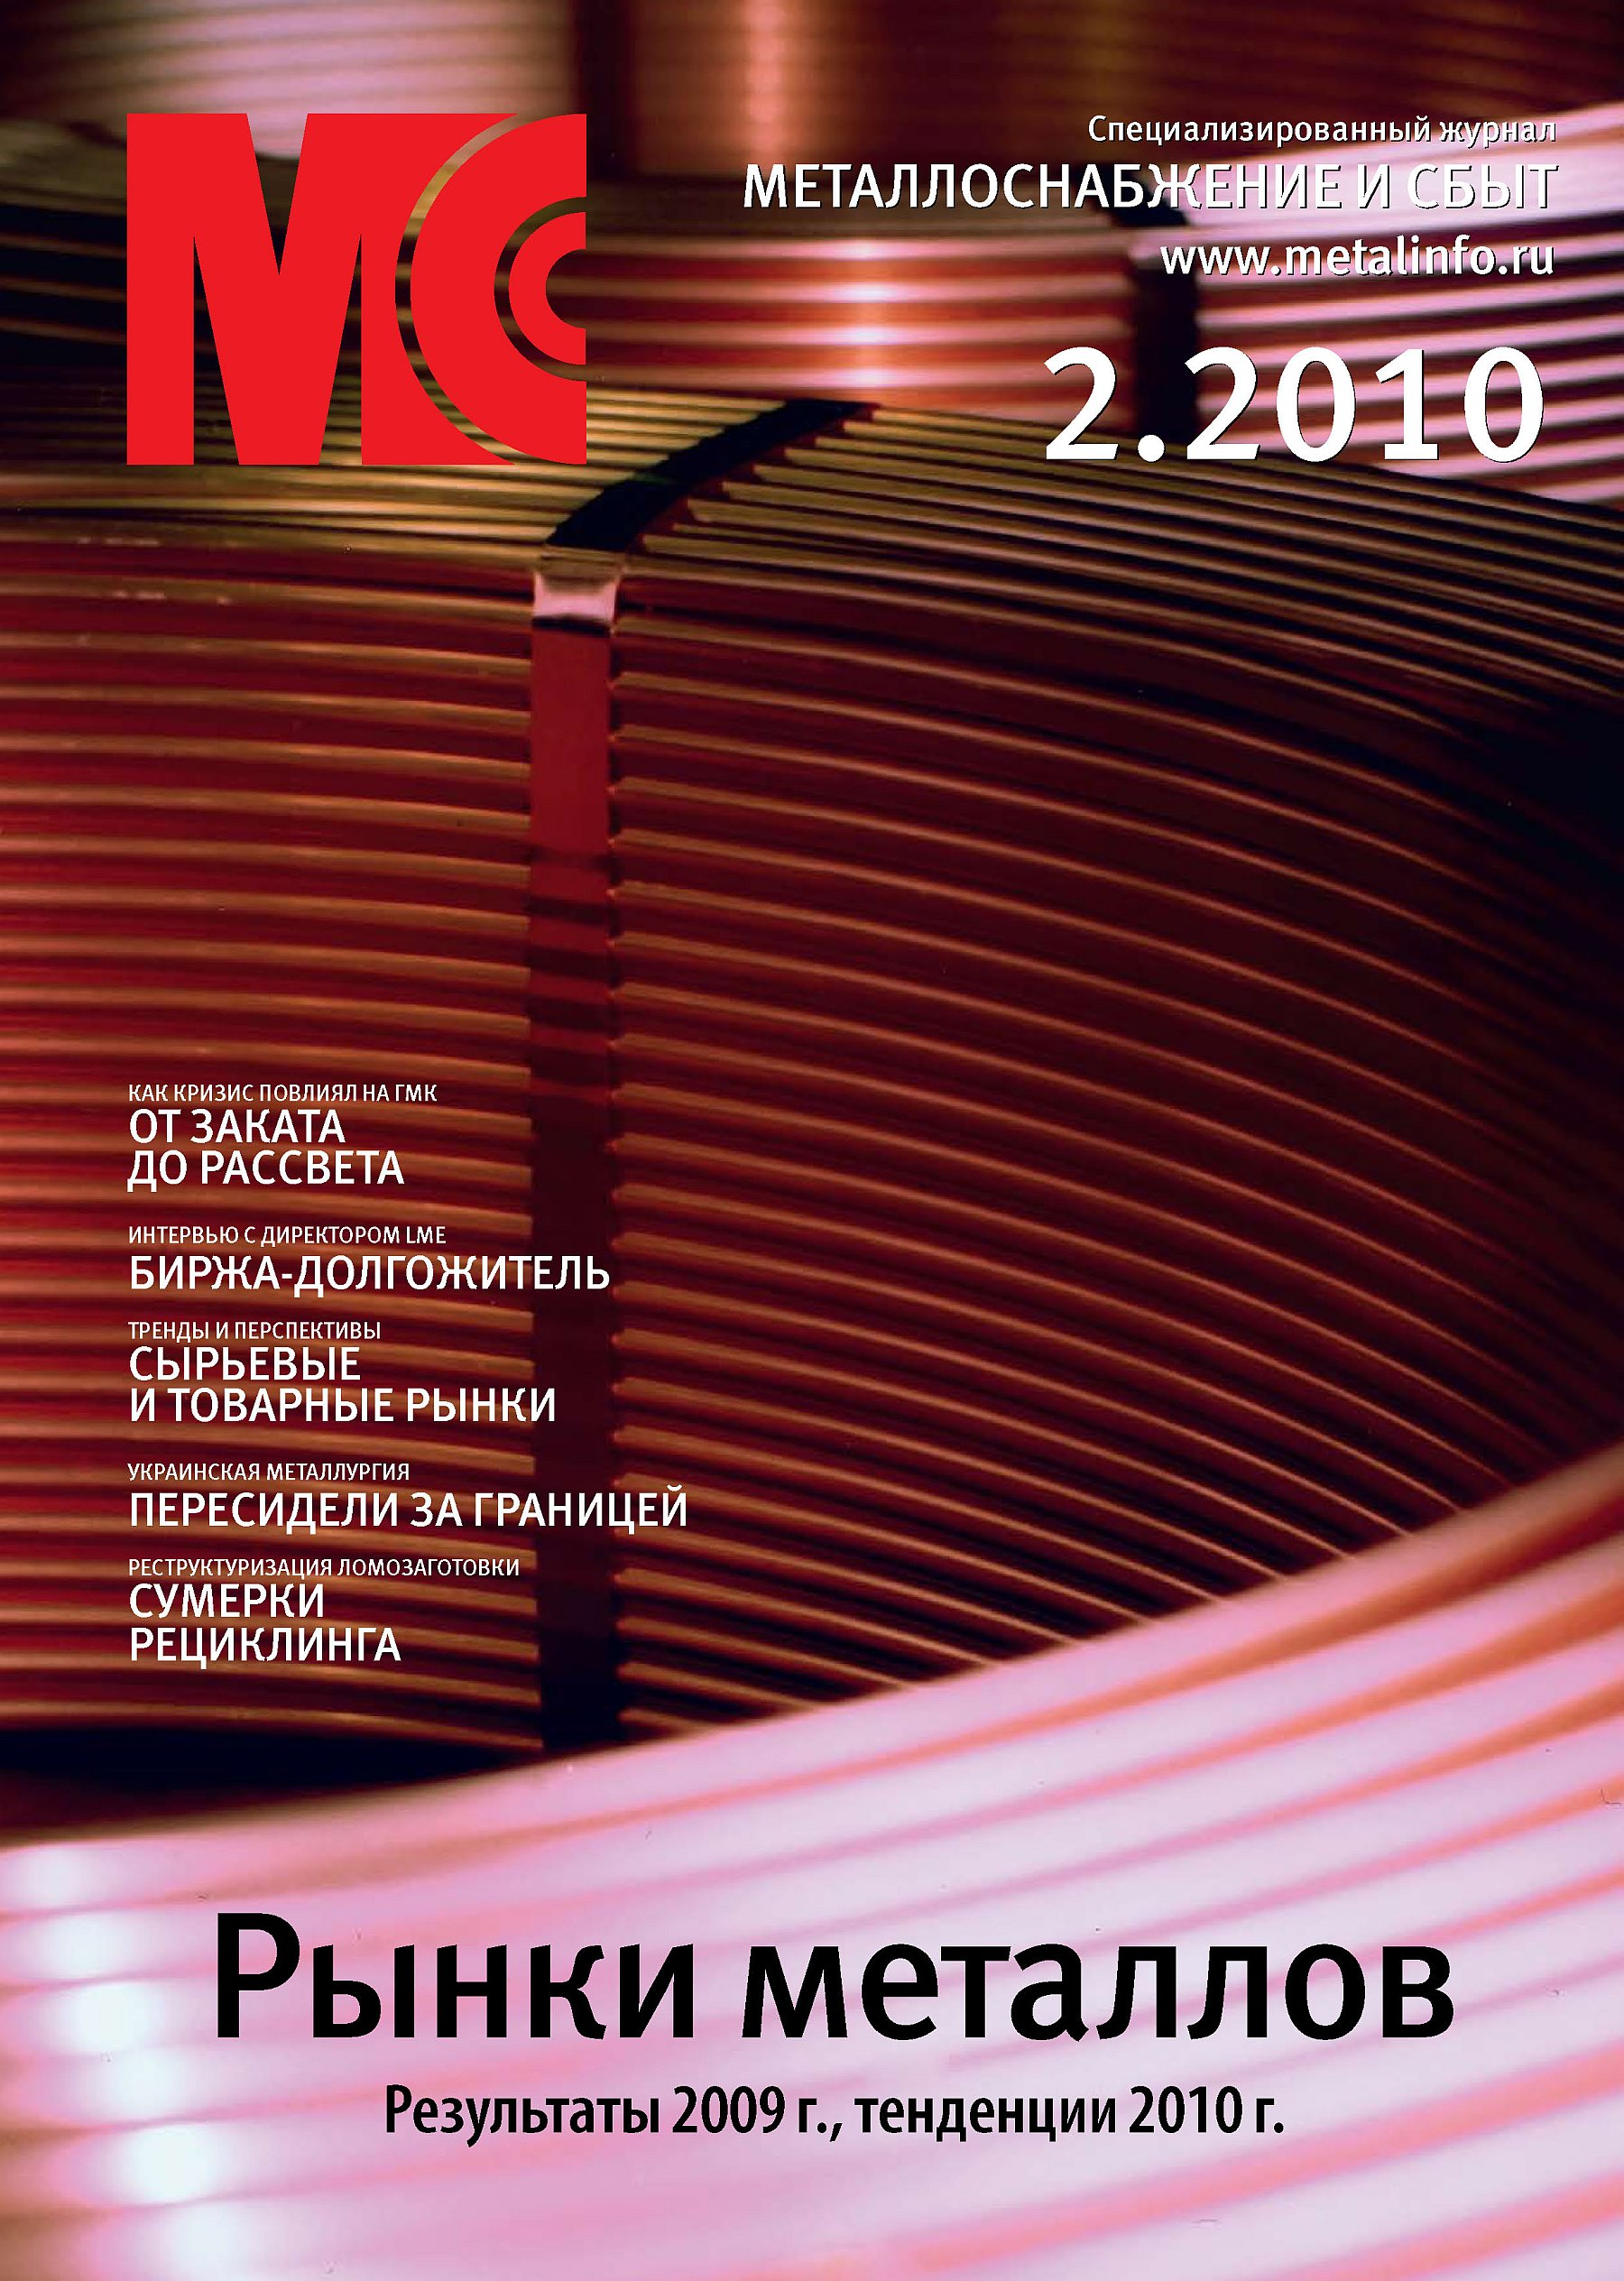 Отсутствует Металлоснабжение и сбыт №2/2010